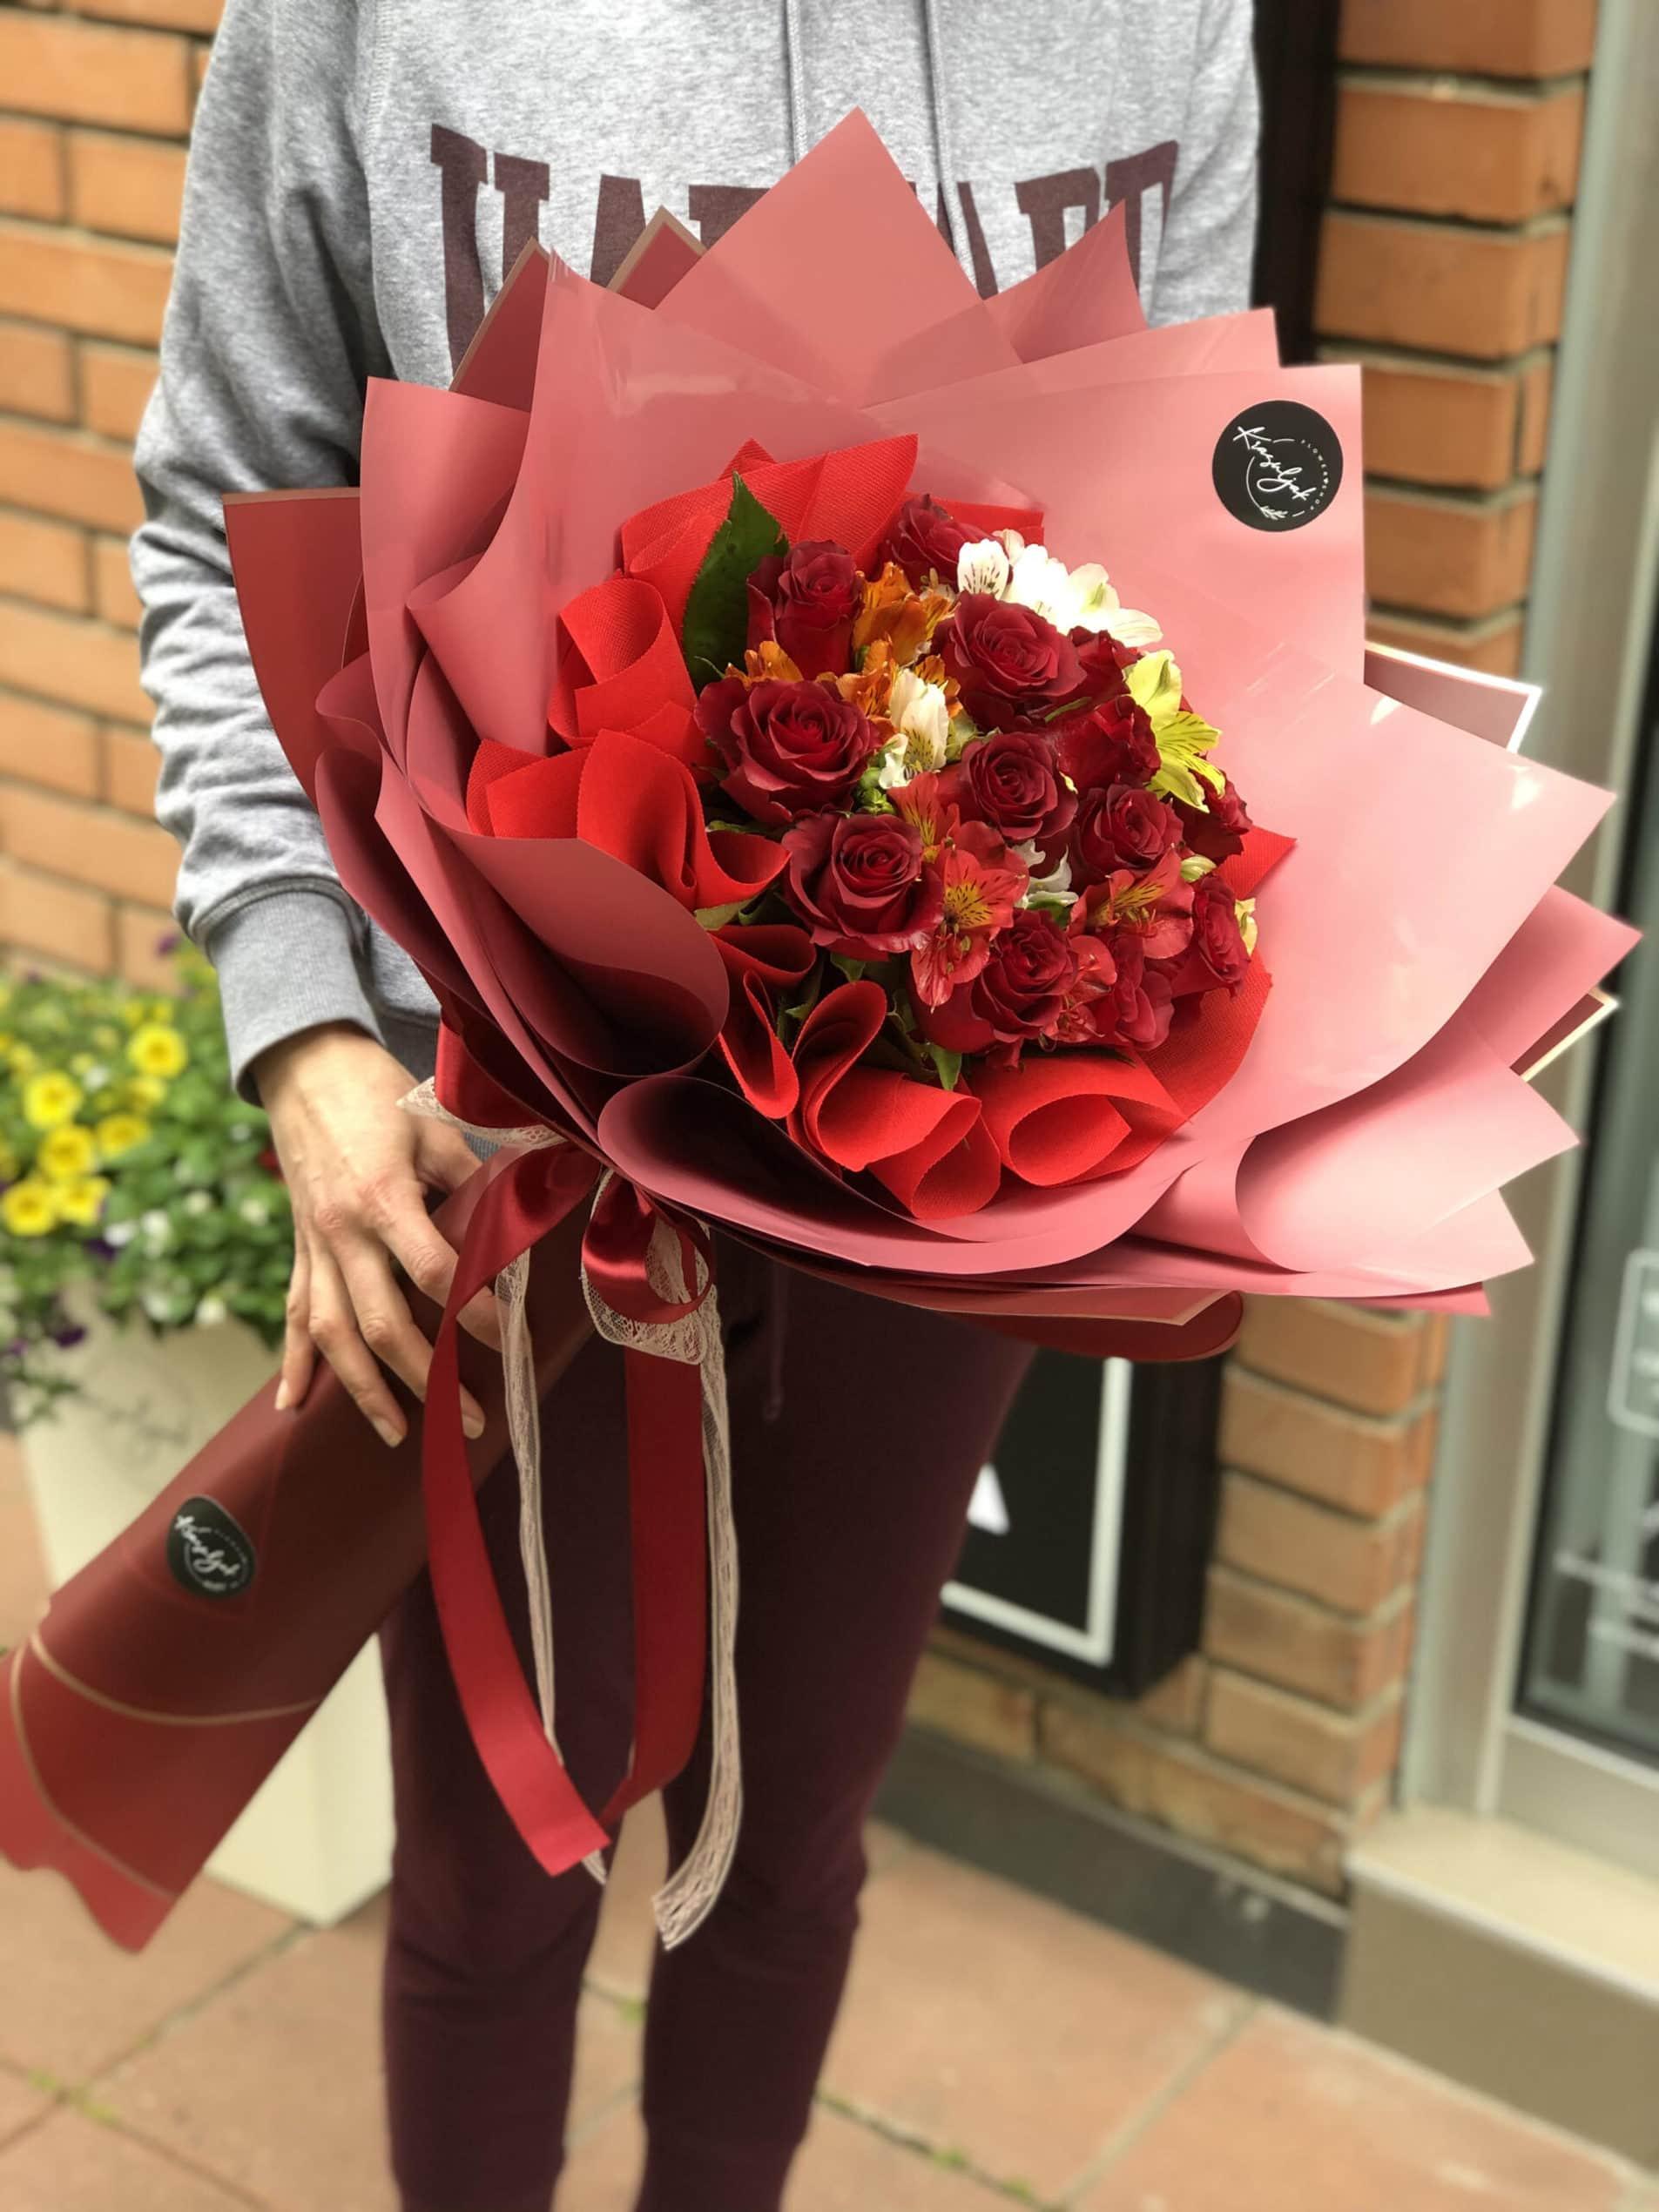 Cveće - crvene ruze u crvenom ukrasnom papiru